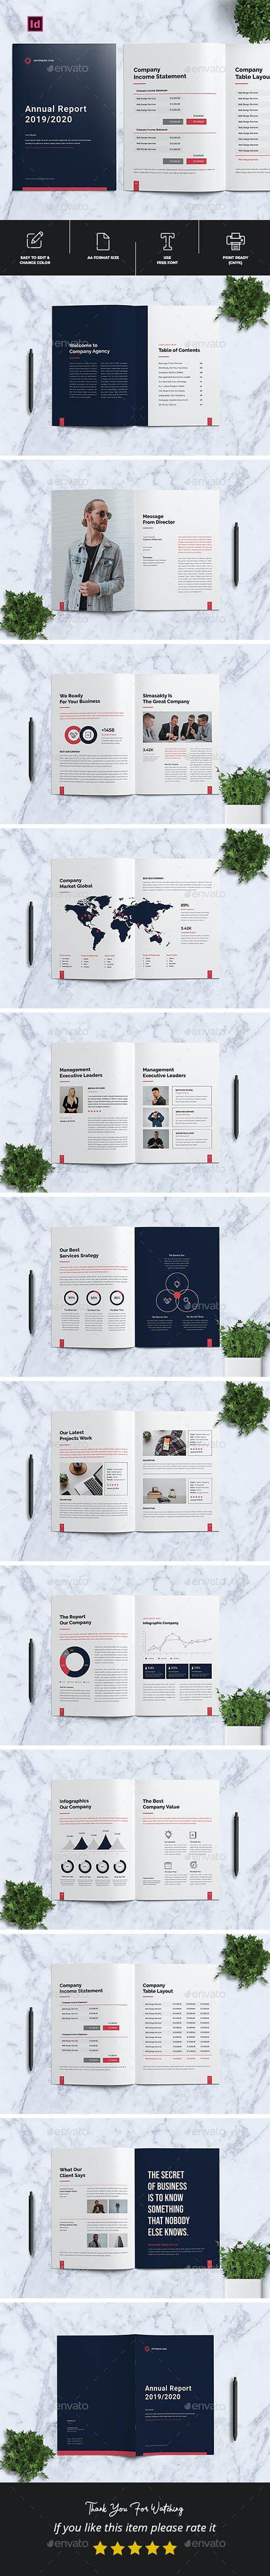 GraphicRiver - Annual Report 26558371